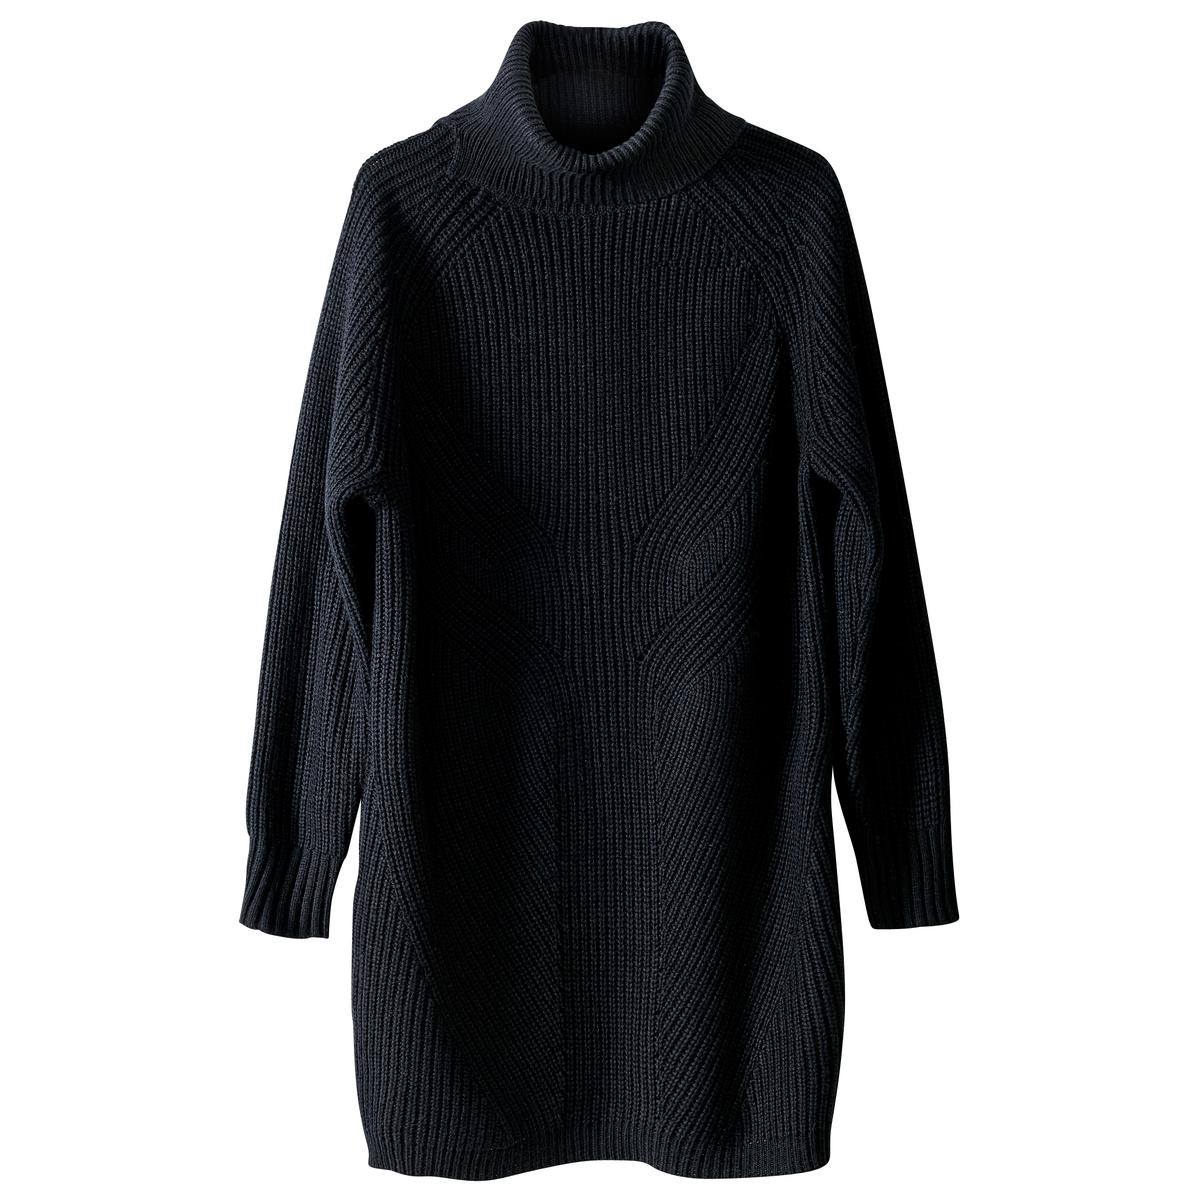 Платье-пуловер средней длины, однотонное, с длинными рукавамиДетали •  Форма : платье-пуловер •  Длина до колен •  Длинные рукава    •  Воротник с отворотомСостав и уход •  22% шерсти, 33% акрила, 5% альпаки, 40%  полиамида •  Температура стирки 30° на деликатном режиме   •  Сухая чистка и отбеливание запрещены    •  Не использовать барабанную сушку   •  Не гладить<br><br>Цвет: серый меланж,черный<br>Размер: M.L